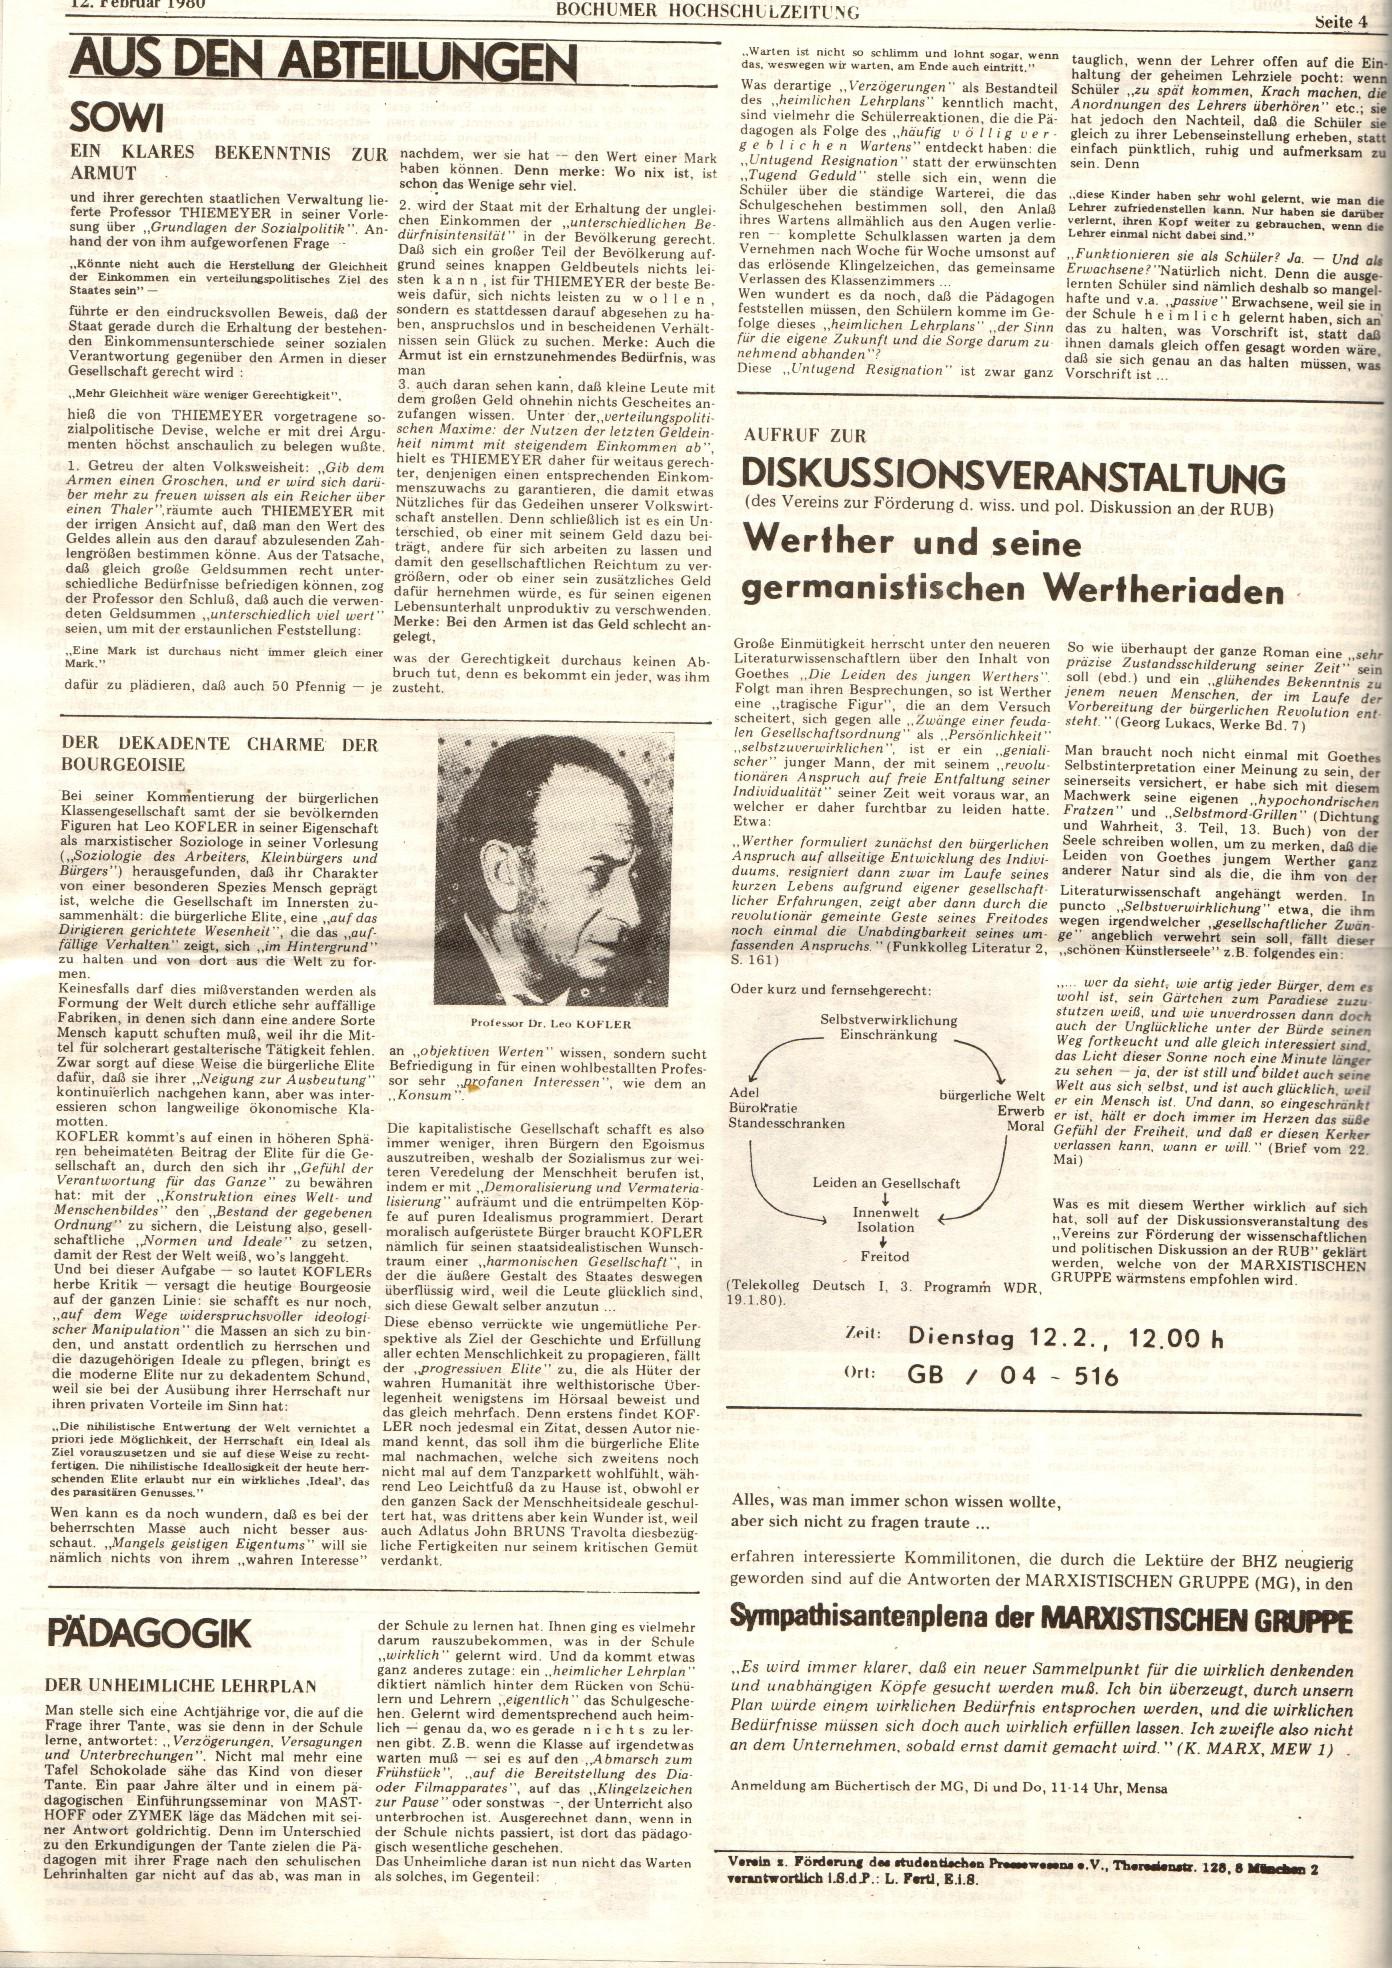 MG_Bochumer_Hochschulzeitung_19800212_04